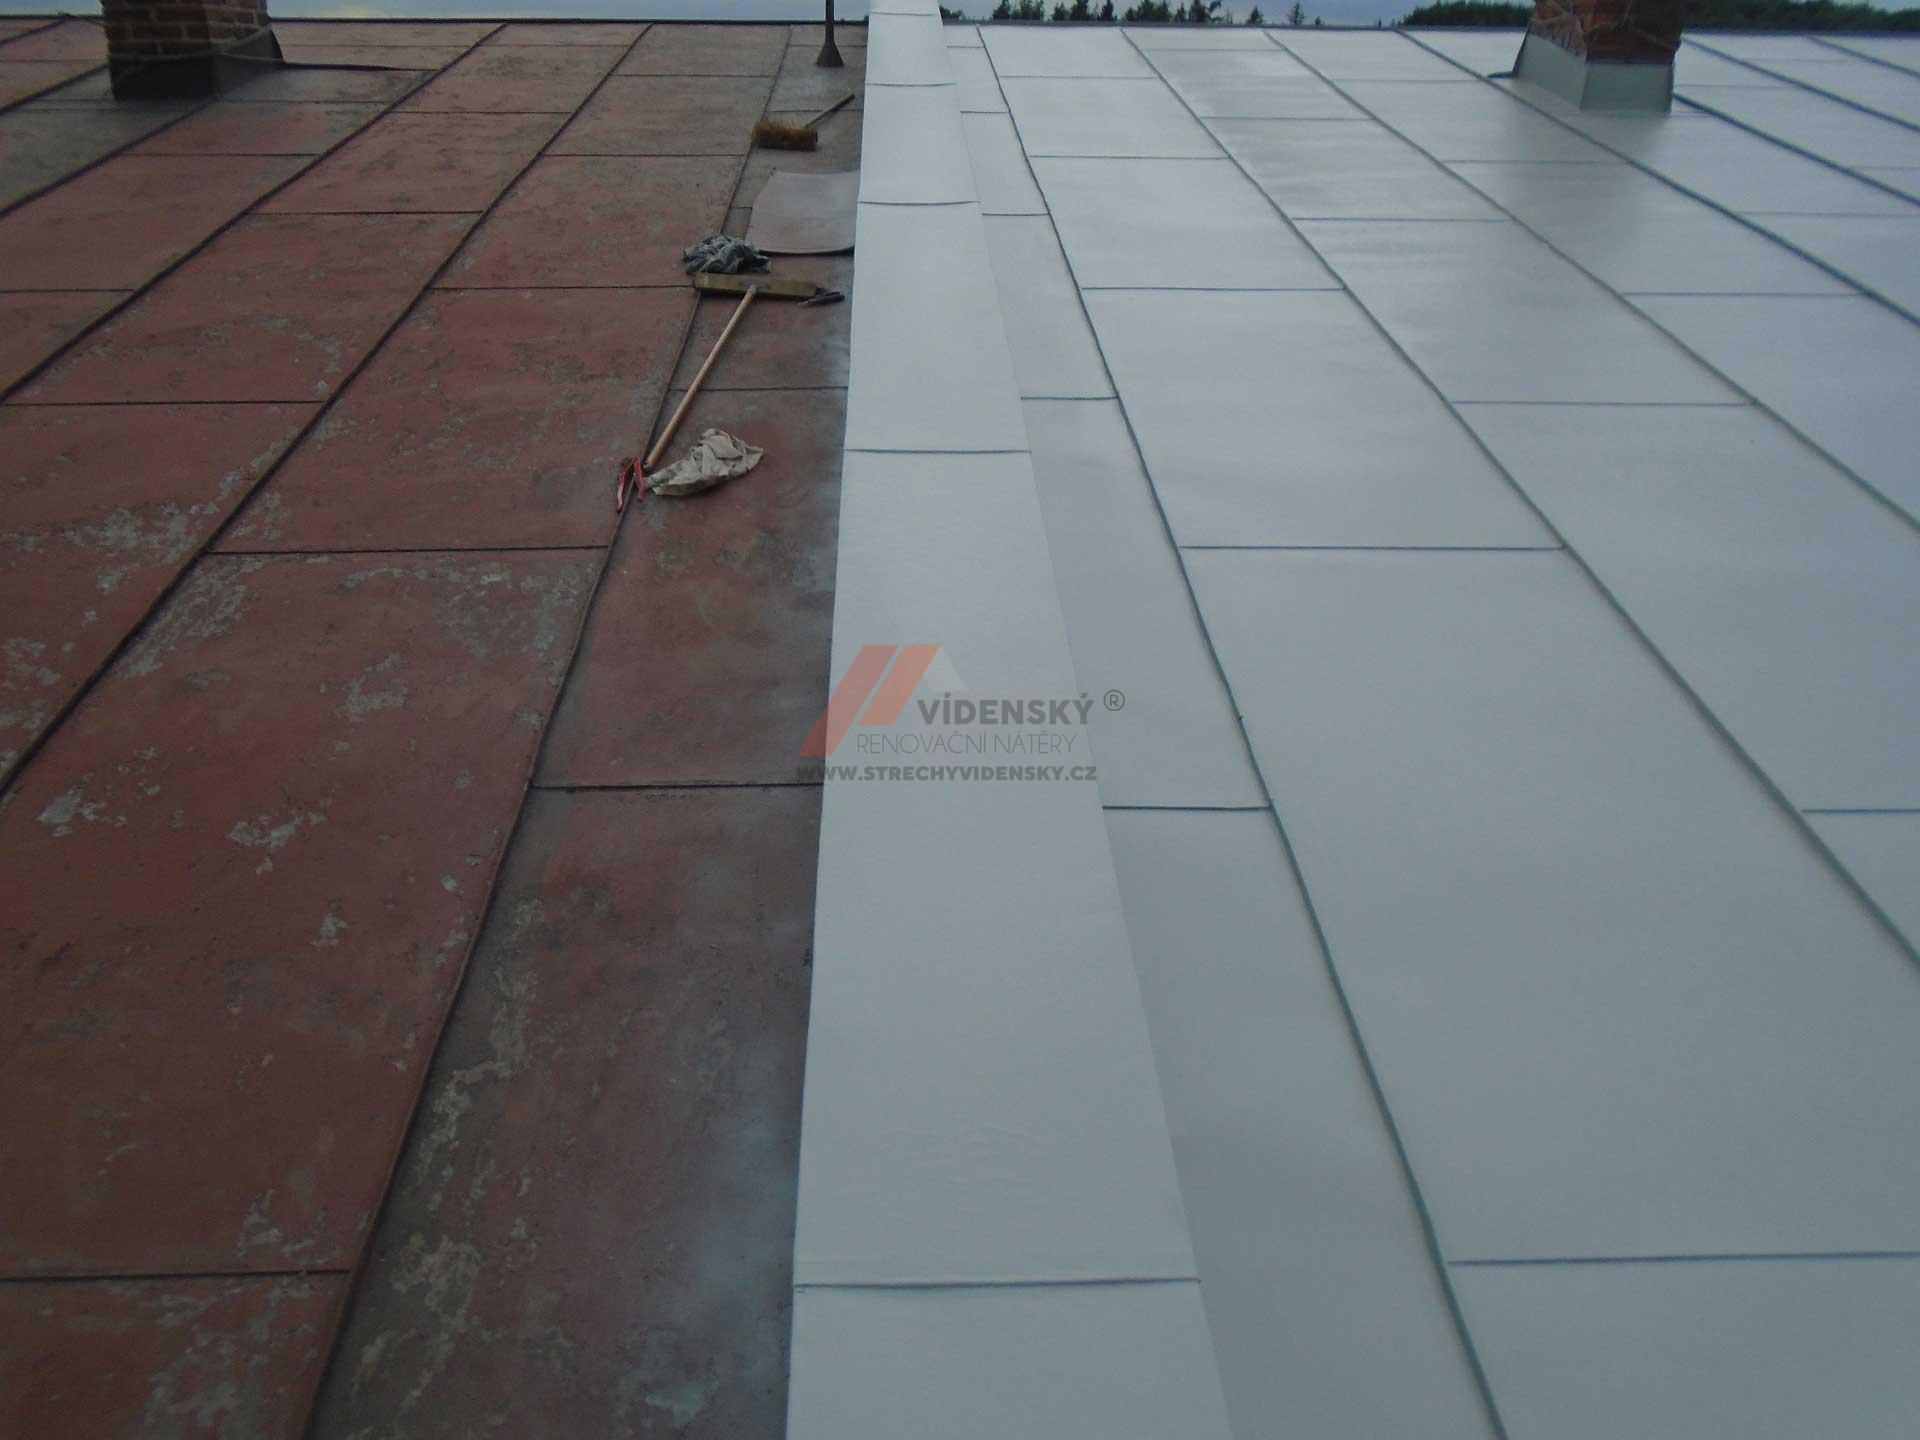 Vídenský | Renovační nátěr plechové střechy 04 - Porovnání